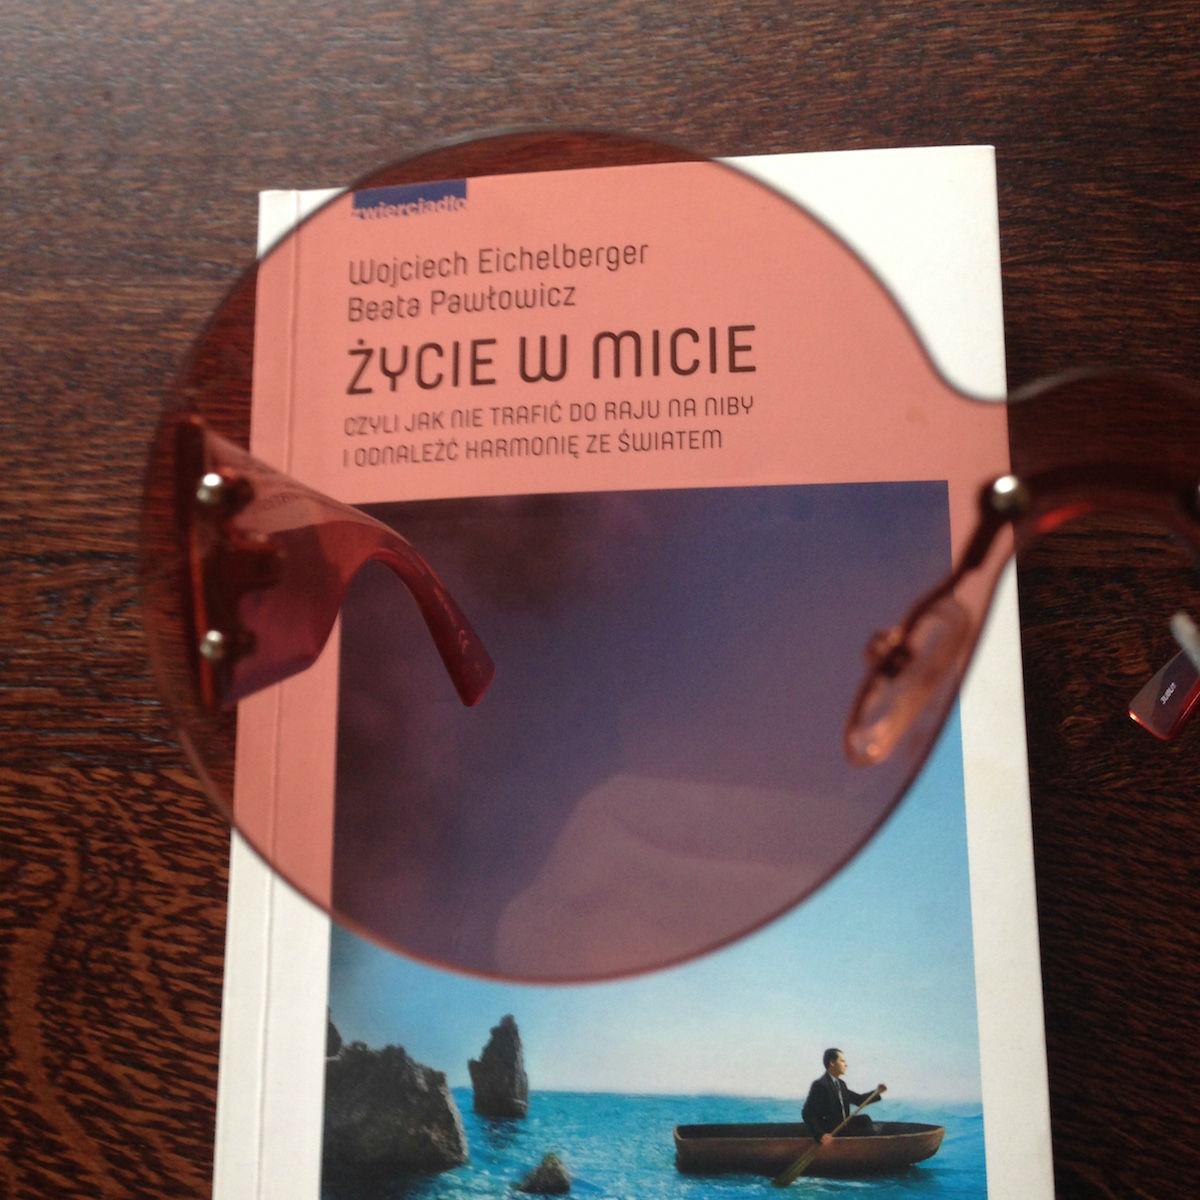 Życie w miecie Wojciech Eichelberger książka i jej krótki opis